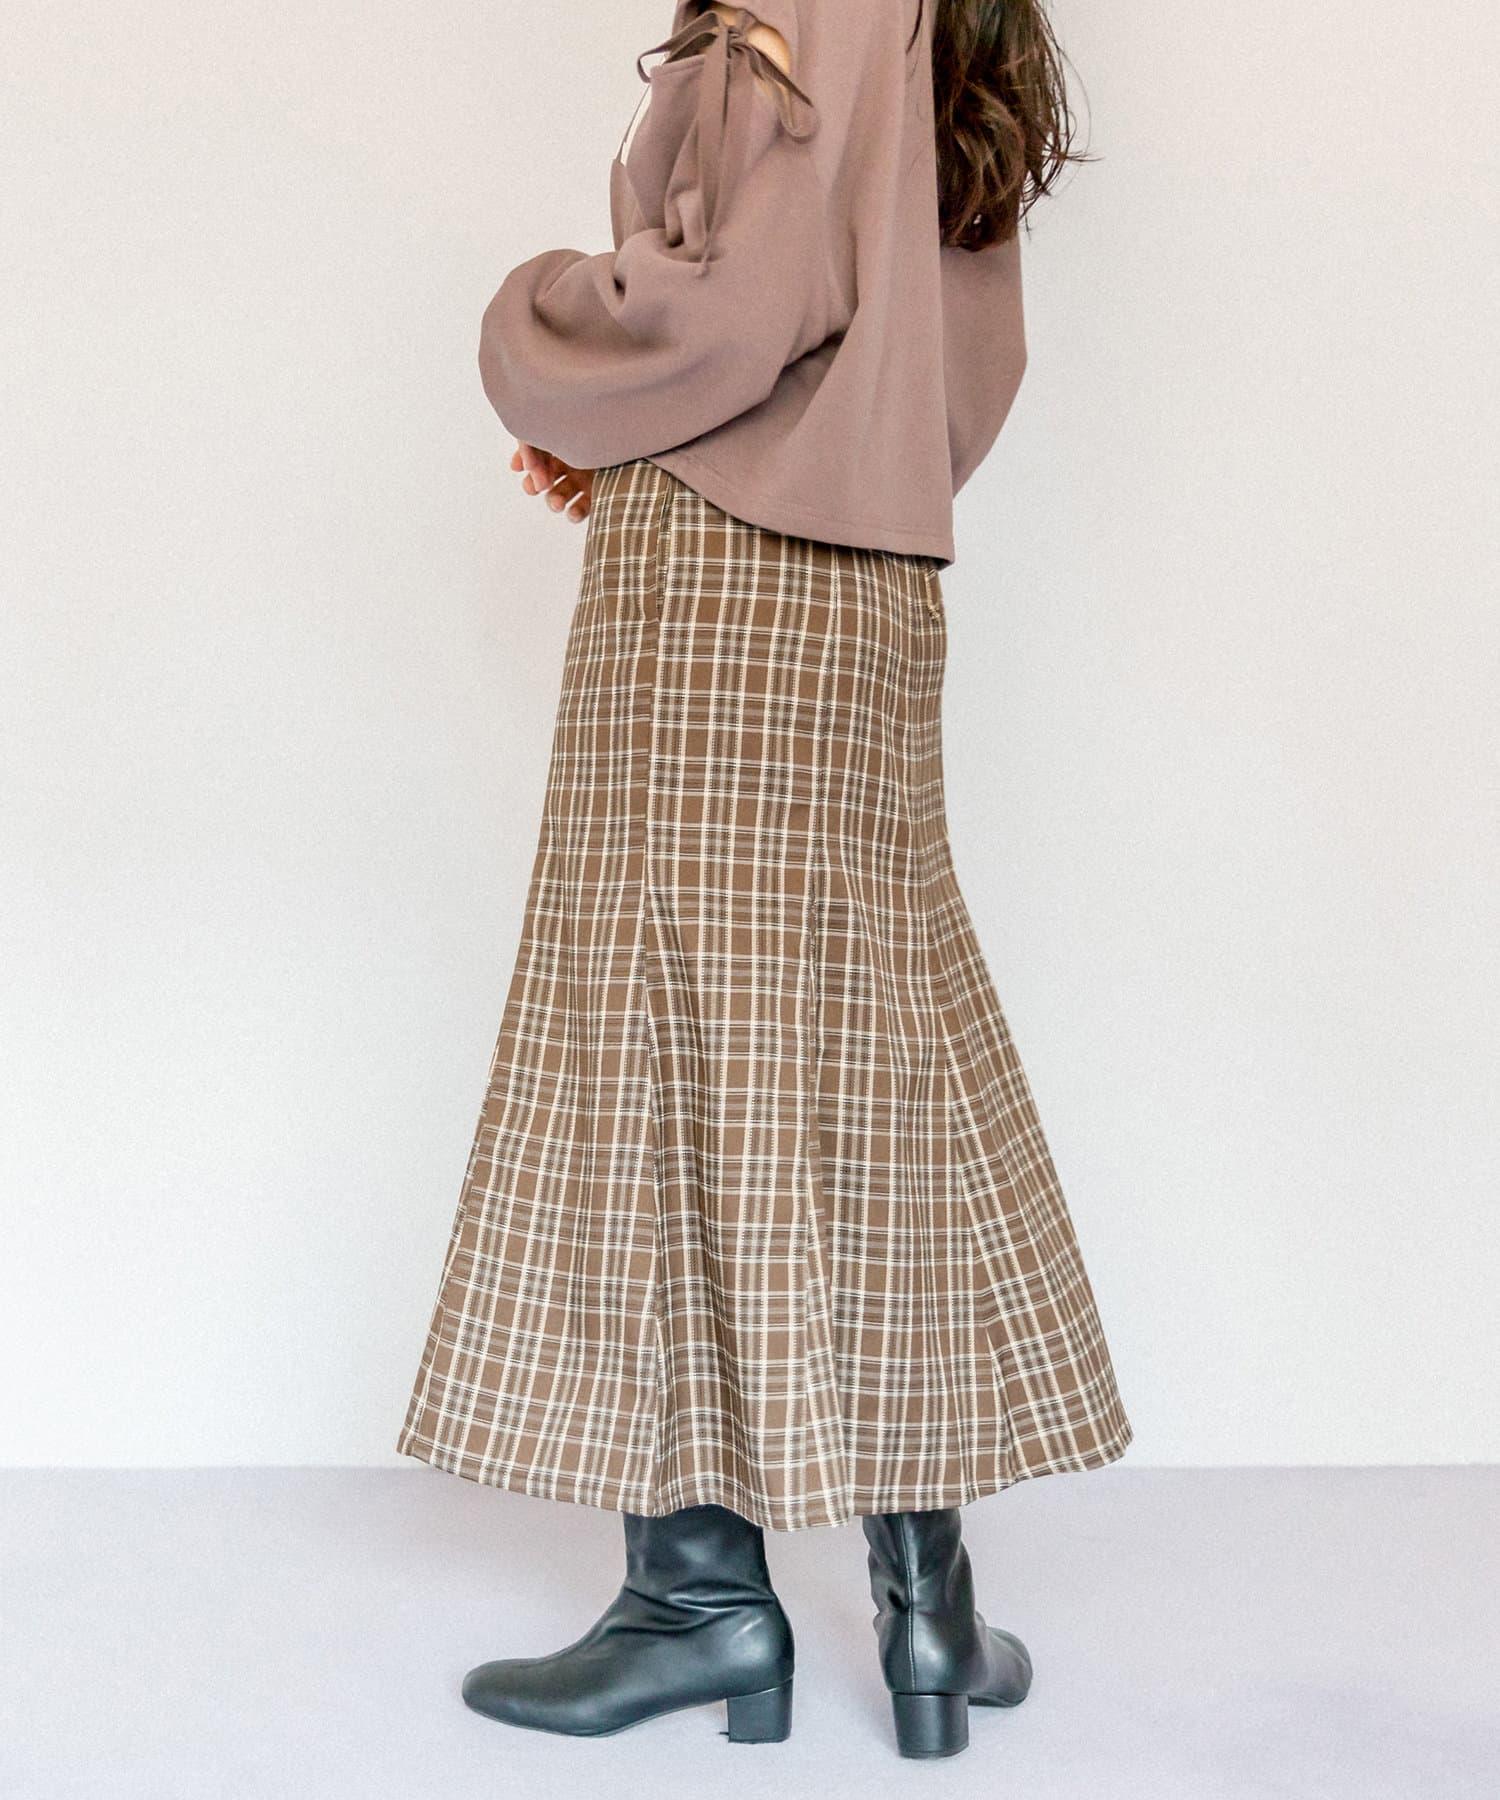 OLIVE des OLIVE(オリーブ デ オリーブ) バックレースアップマーメイドスカート